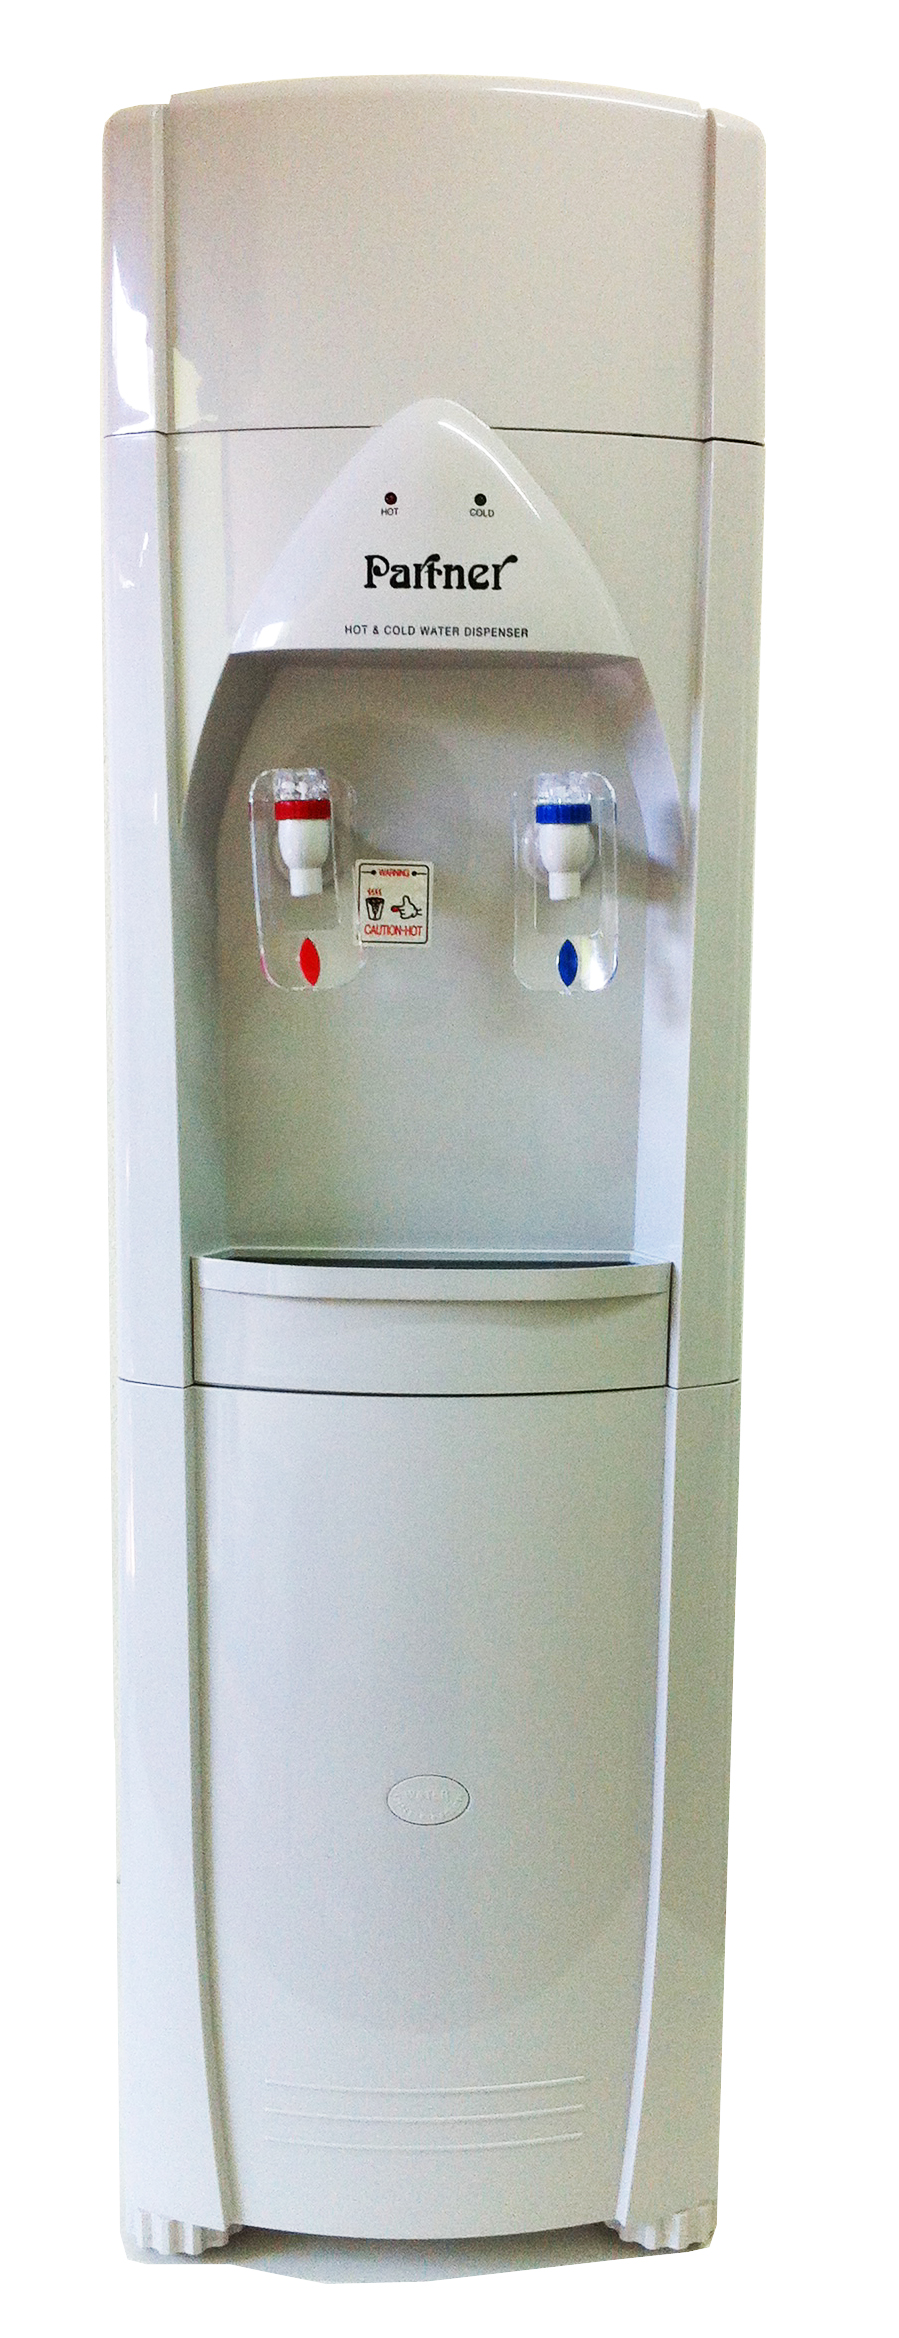 ตู้กรองน้ำกดร้อนเย็น RO 4 ขั้นตอน SO-503